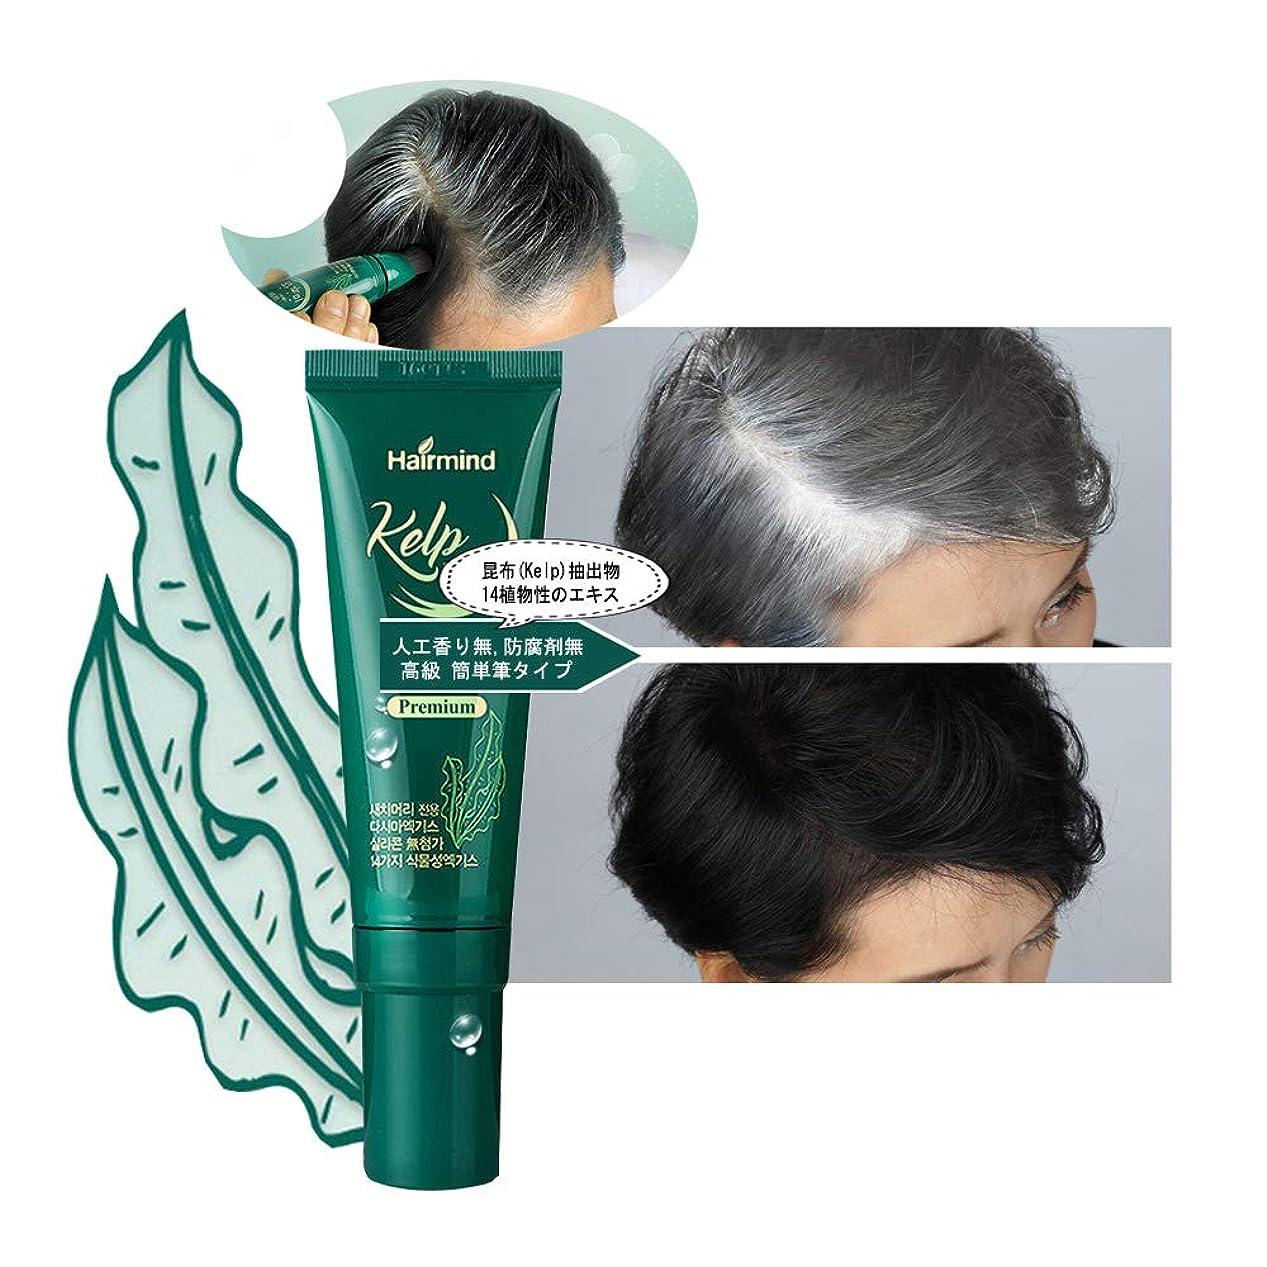 応答フリッパーフィードオン高級 部分毛染 グレーヘアカバー 頭皮健康昆布抽出物 毛染め 40ml 筆タイプ 並行輸入 (Dark Brown)